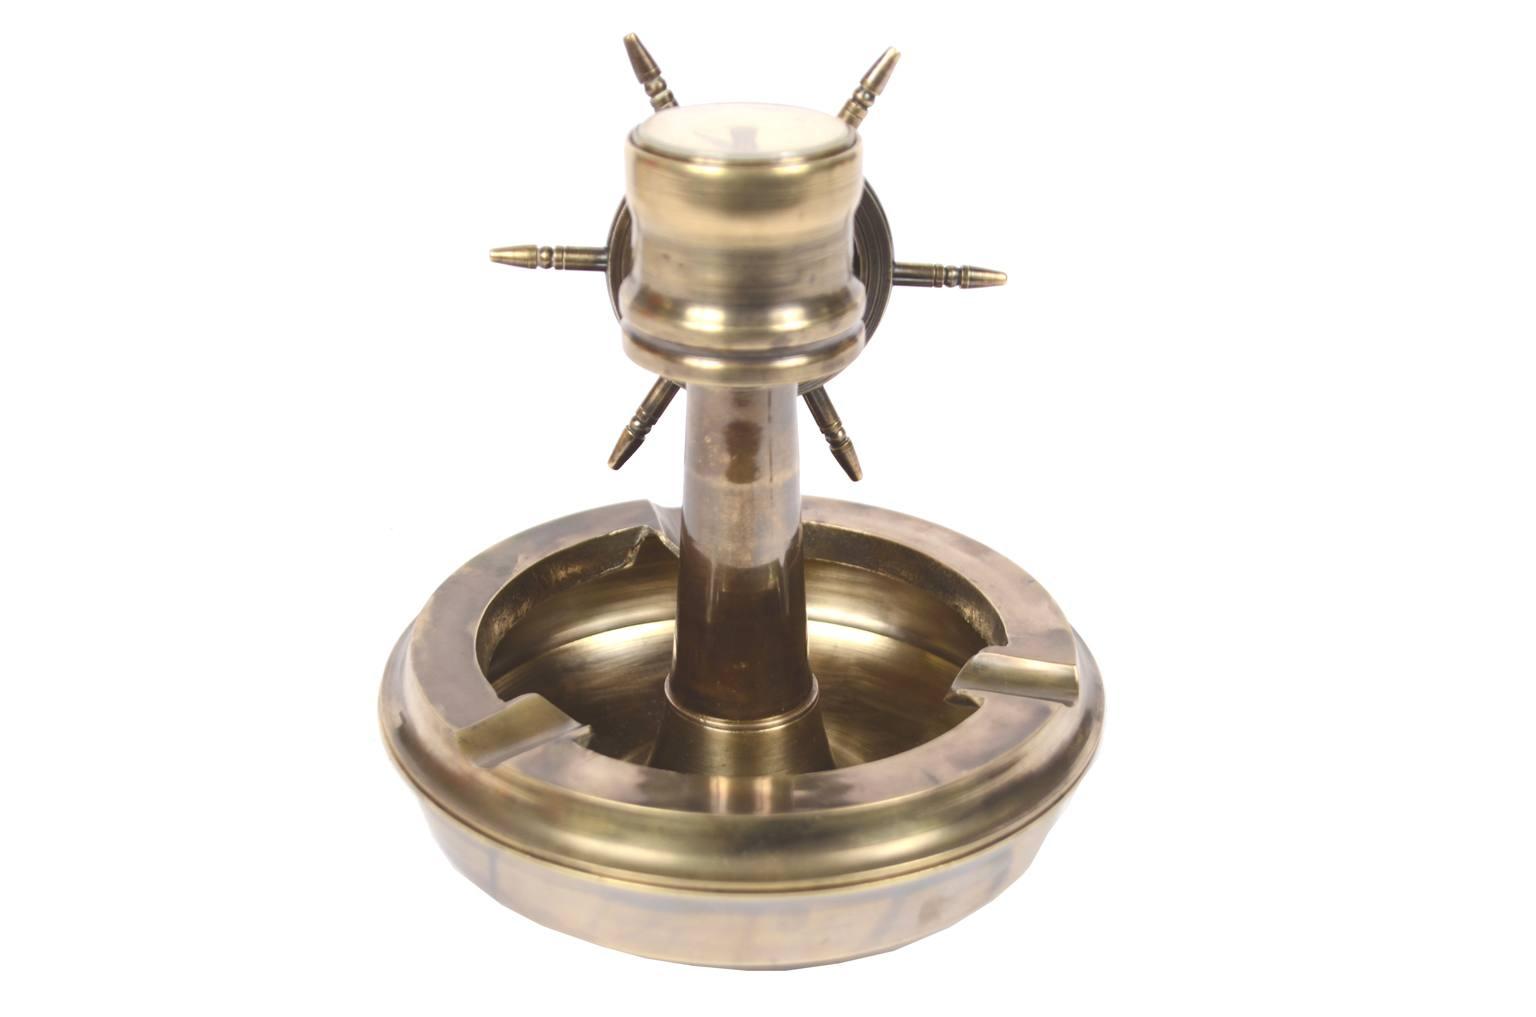 航海类古董/5774A-带舵和指南针的黄铜烟灰缸